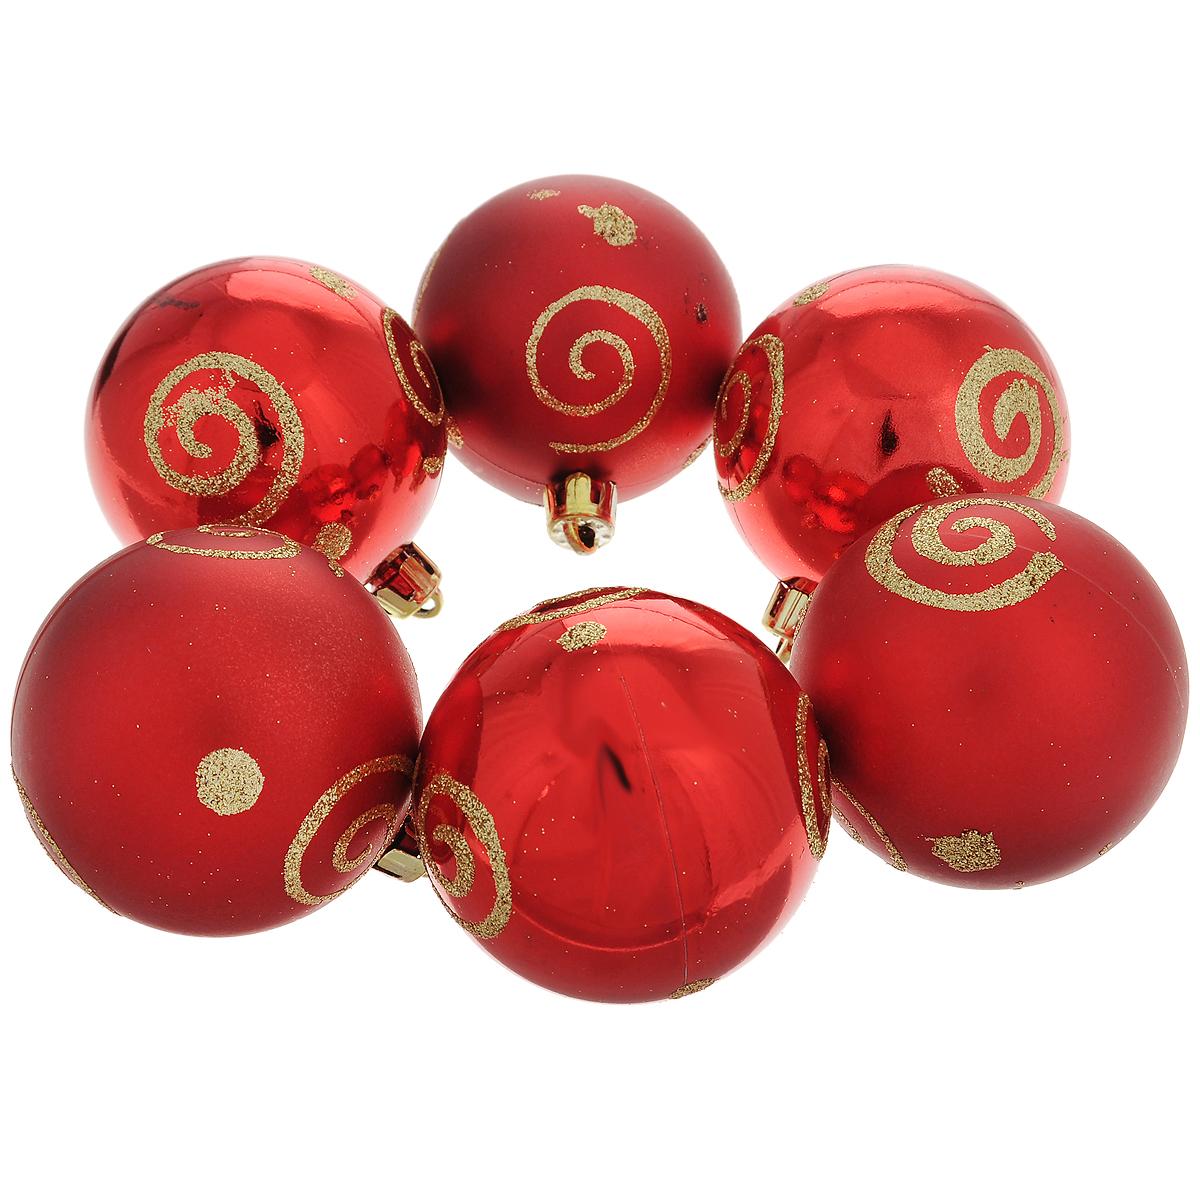 Набор новогодних подвесных украшений Шар, цвет: золотистый, красный, диаметр 6 см, 6 шт. 3550135501Набор новогодних подвесных украшений Шар прекрасно подойдет для праздничного декора новогодней ели. Состоит из шести шаров. Елочная игрушка - символ Нового года. Она несет в себе волшебство и красоту праздника. Создайте в своем доме атмосферу веселья и радости, украшая новогоднюю елку нарядными игрушками, которые будут из года в год накапливать теплоту воспоминаний. Коллекция декоративных украшений принесет в ваш дом ни с чем несравнимое ощущение волшебства! Откройте для себя удивительный мир сказок и грез. Почувствуйте волшебные минуты ожидания праздника, создайте новогоднее настроение вашим дорогим и близким.